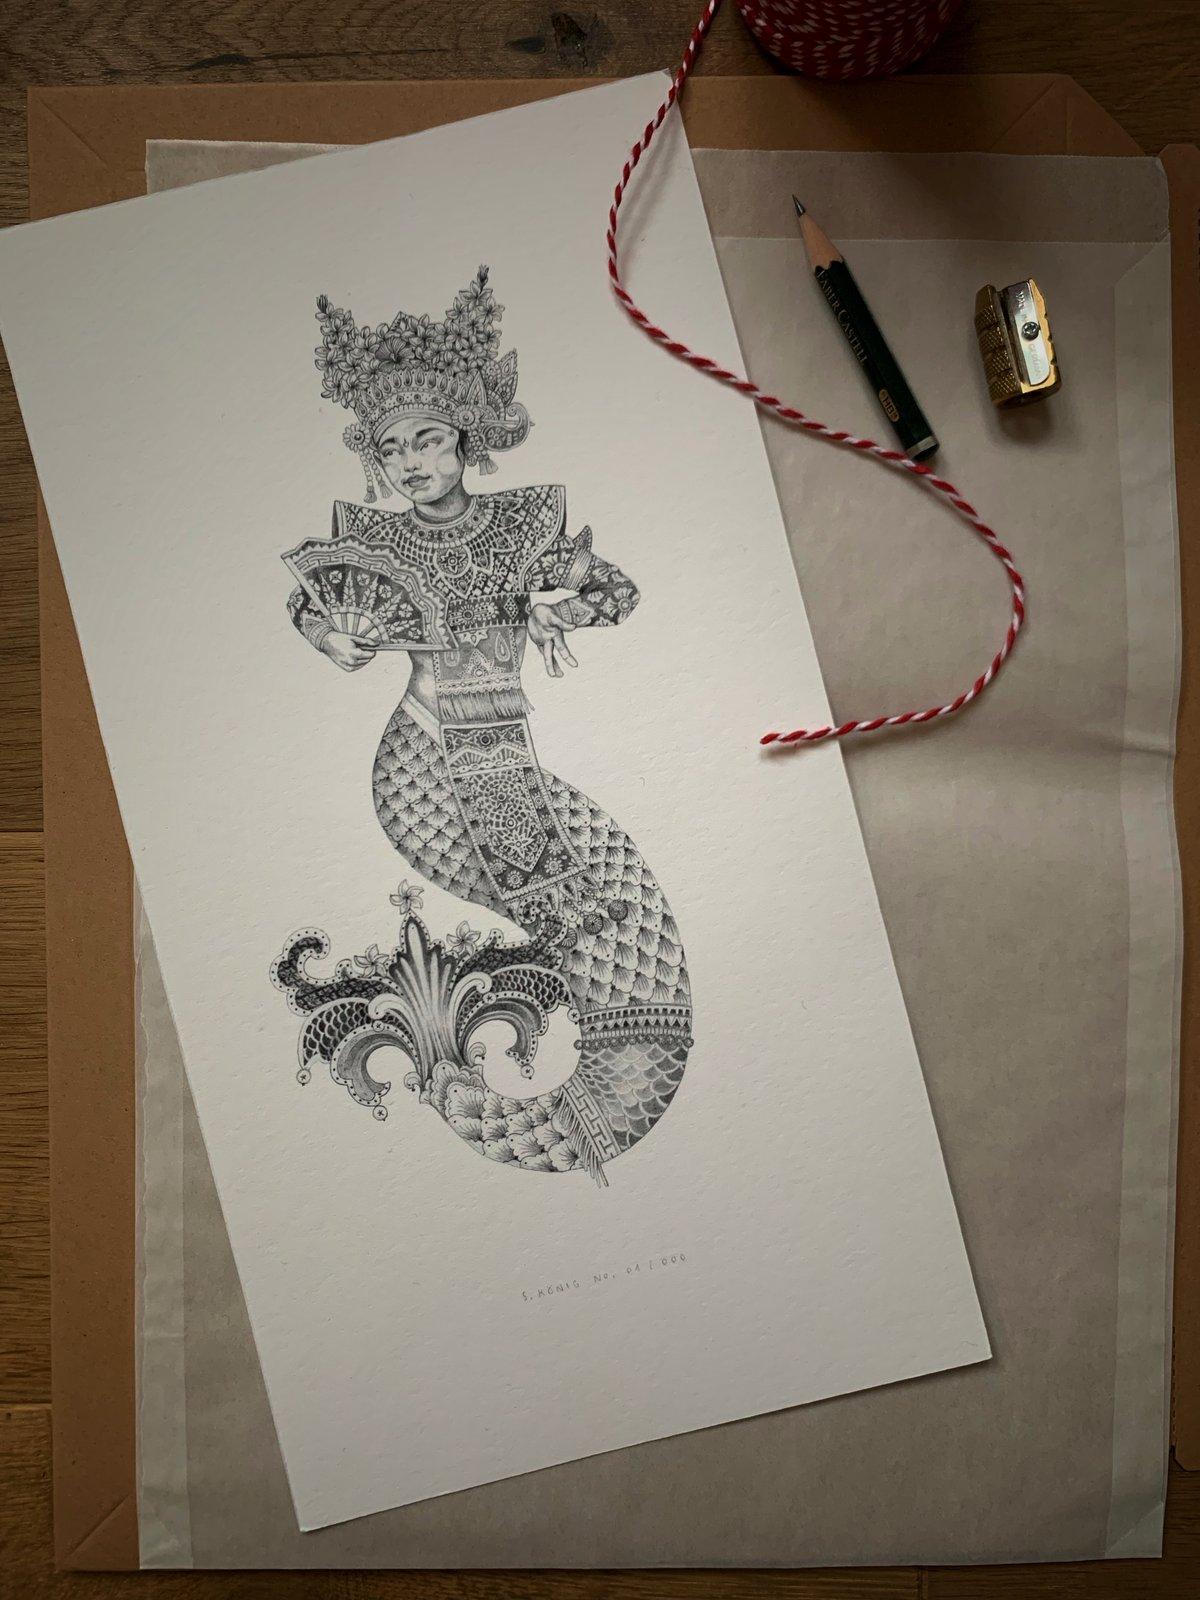 Image of Island mermaid